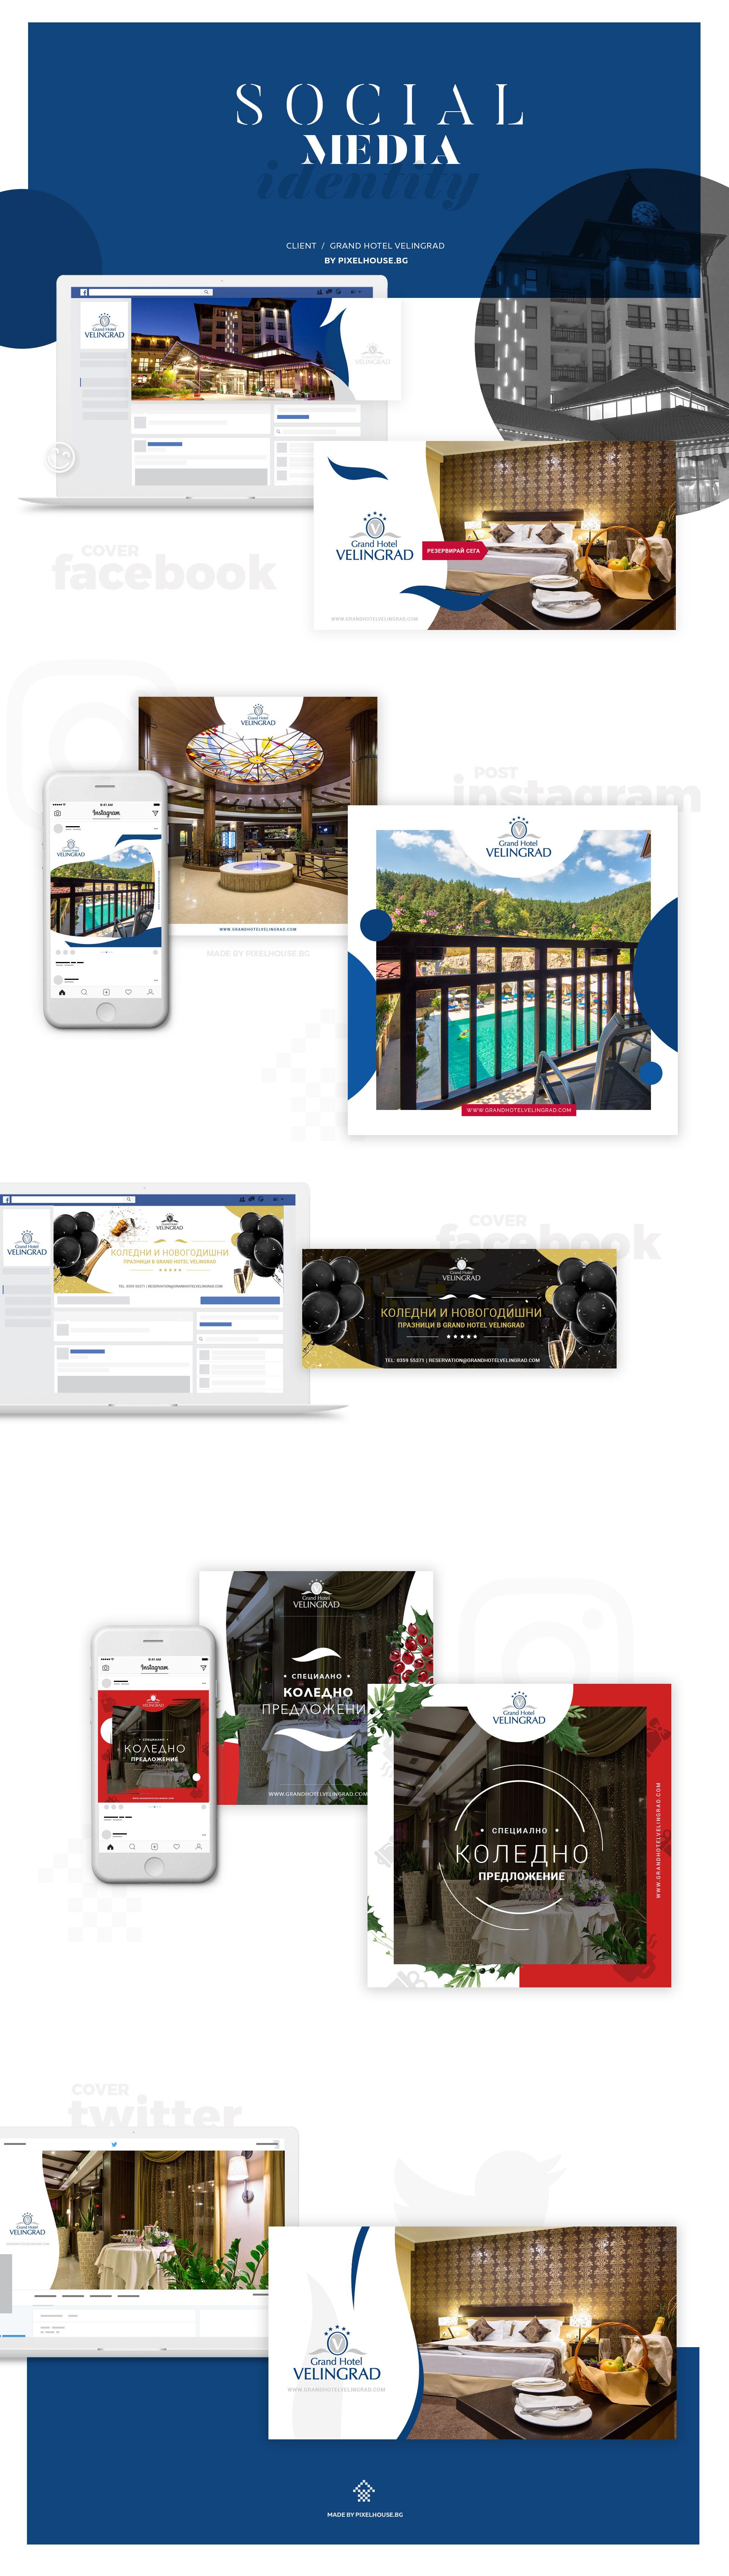 Social-Media-Velingrad-Hotel>